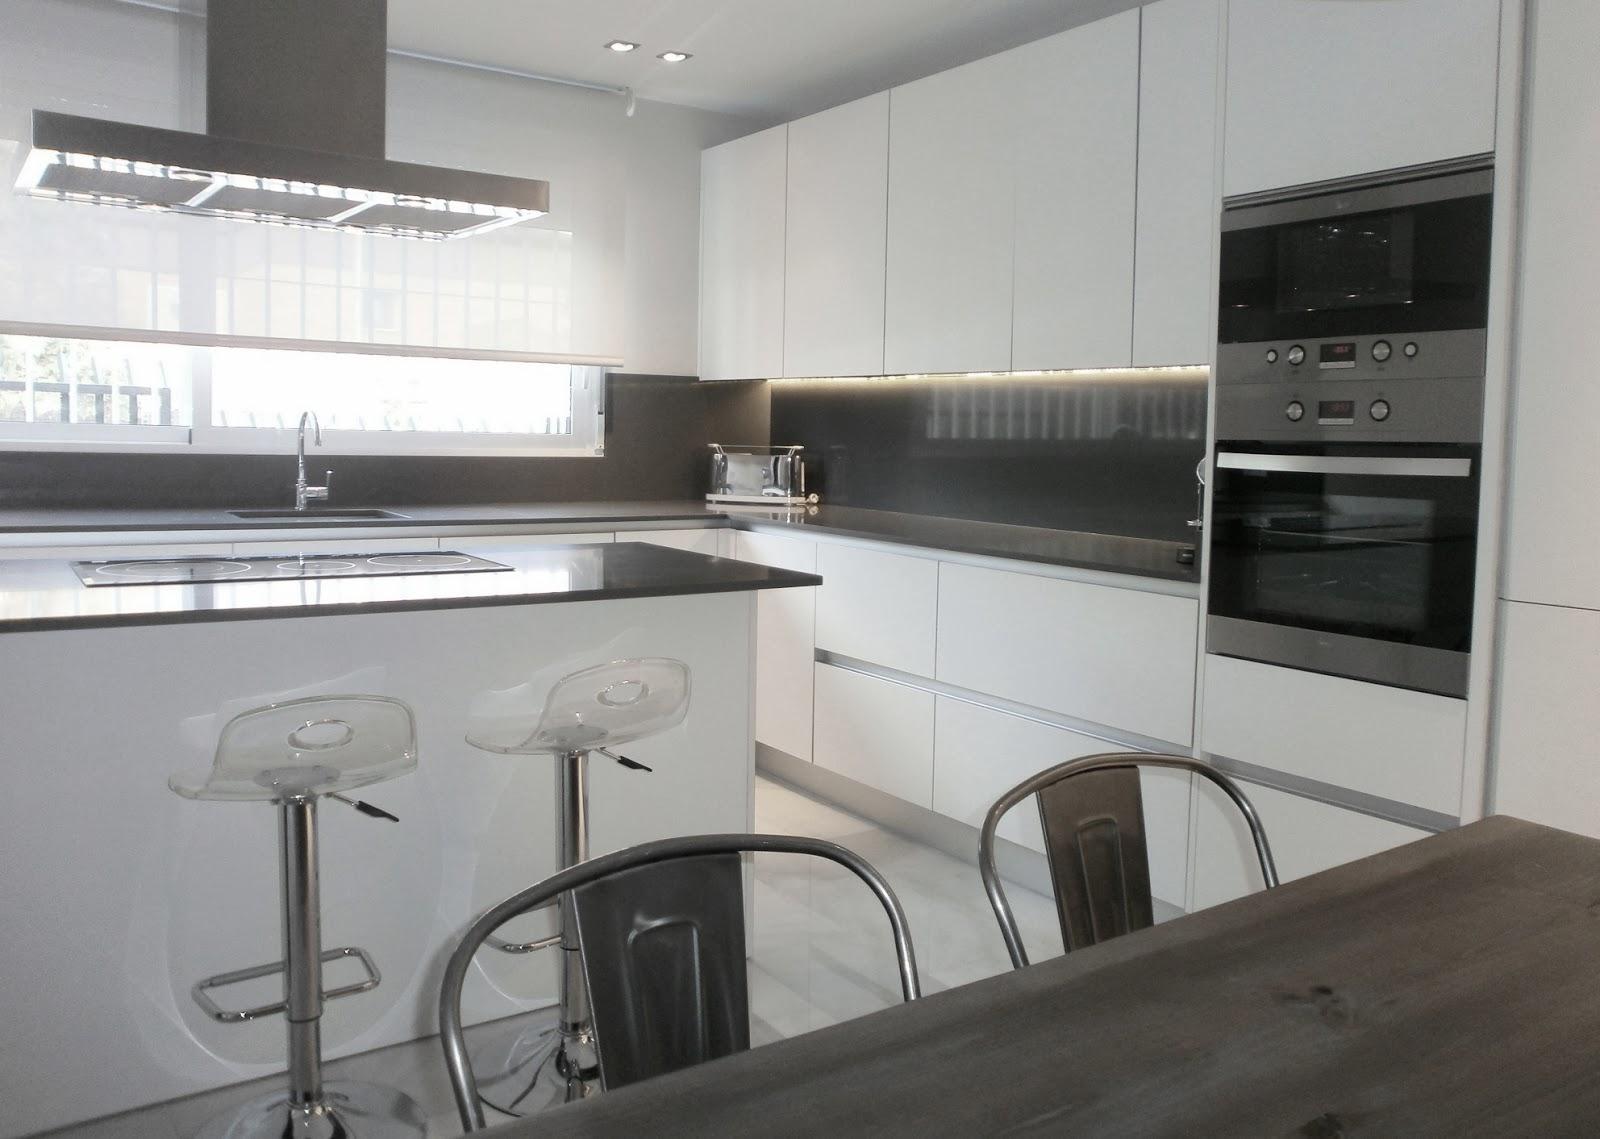 Encantadora cocina blanca independiente con isla y office - Cocinas blancas ...